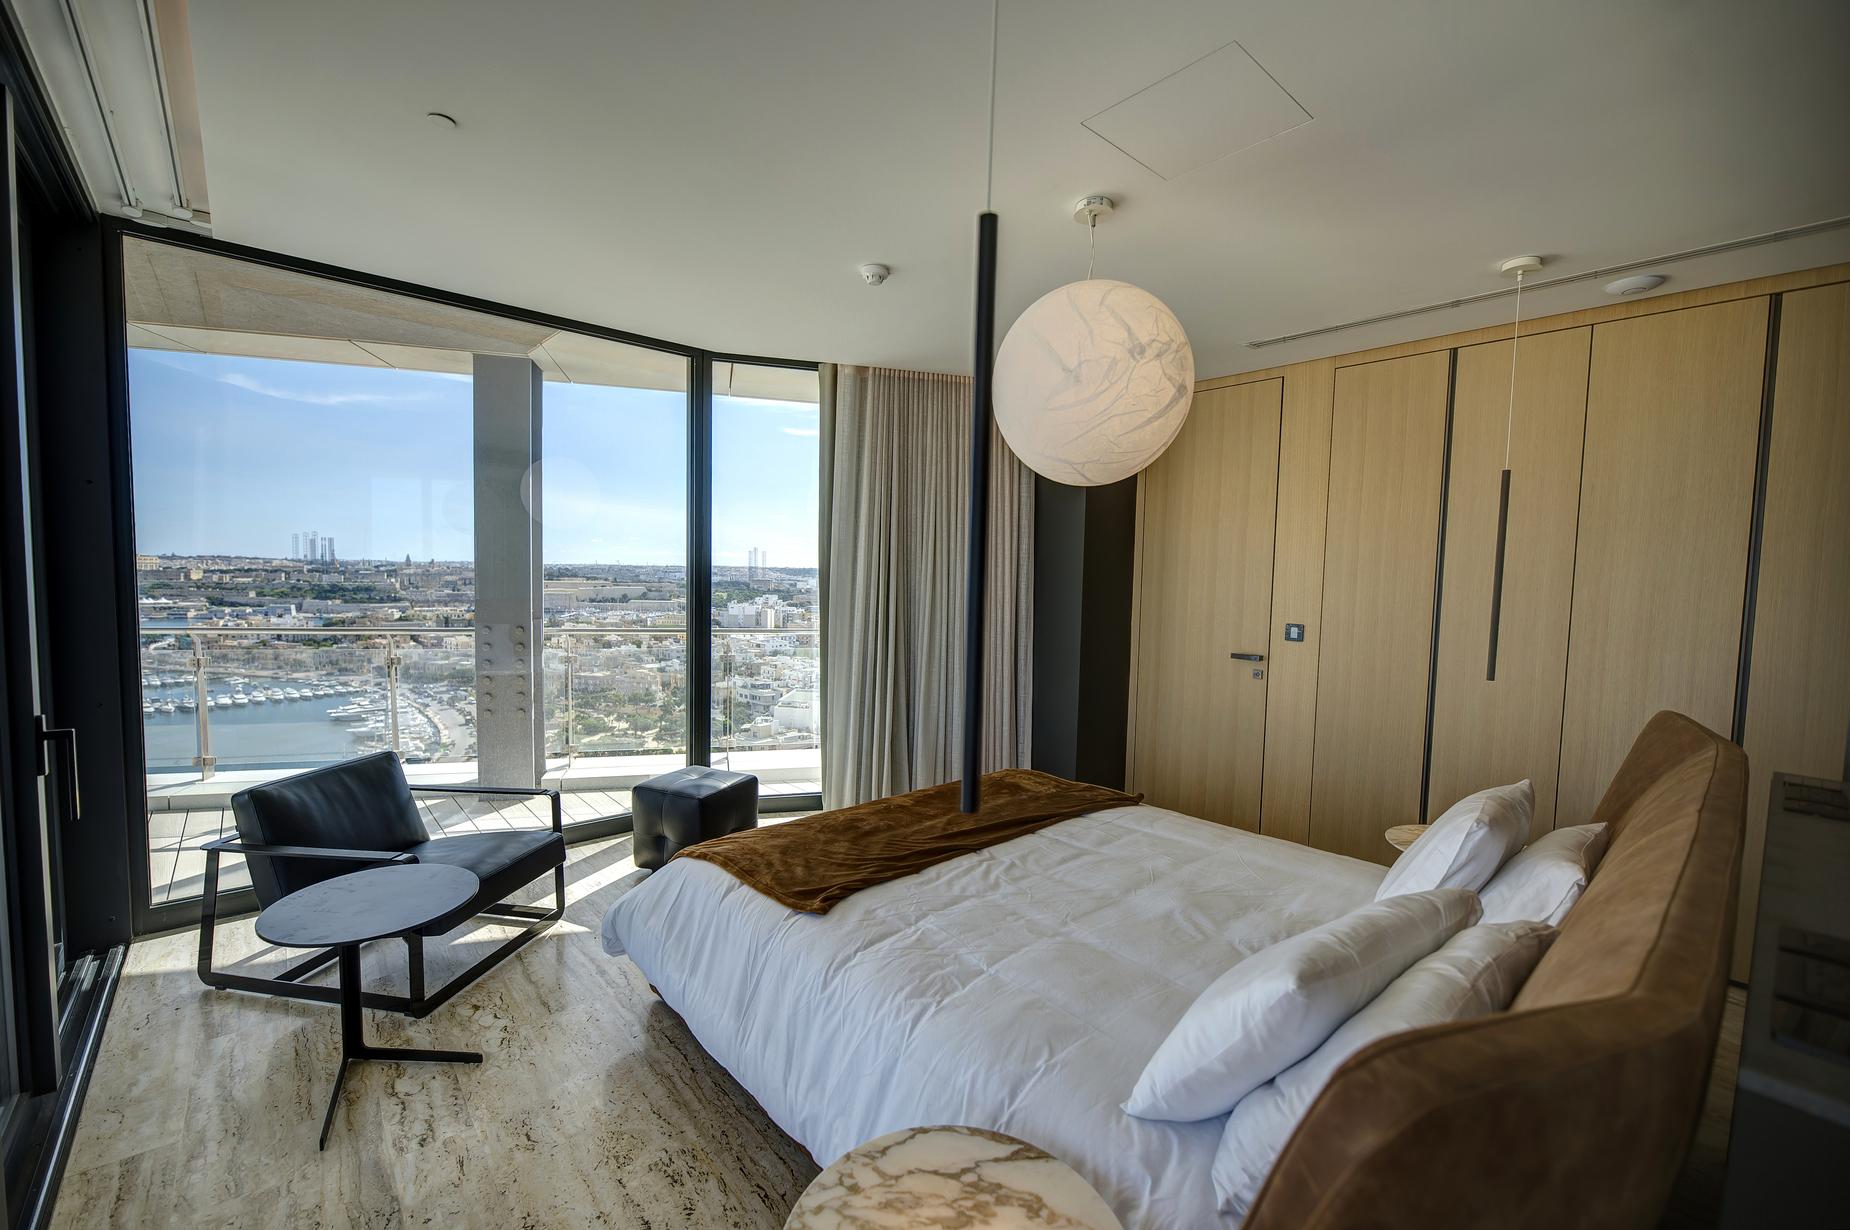 3 bed Apartment For Sale in Gzira, Gzira - thumb 16